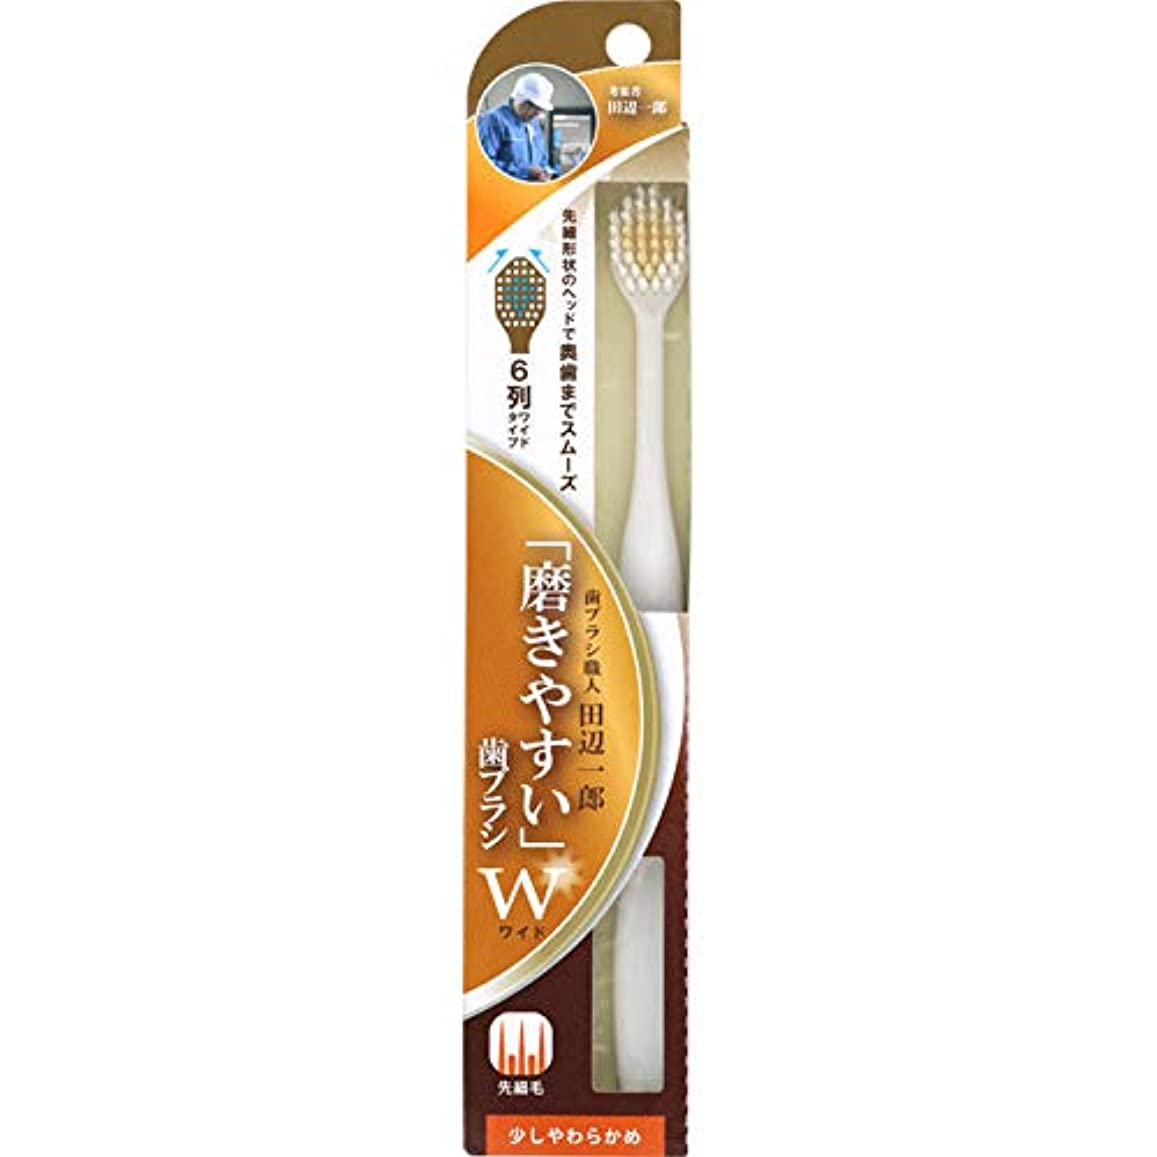 主人夜明けに甘美なライフレンジ LT-46 磨きやすい歯ブラシ ワイド 少しやわらかめ 1本入 ※カラーは選べません。